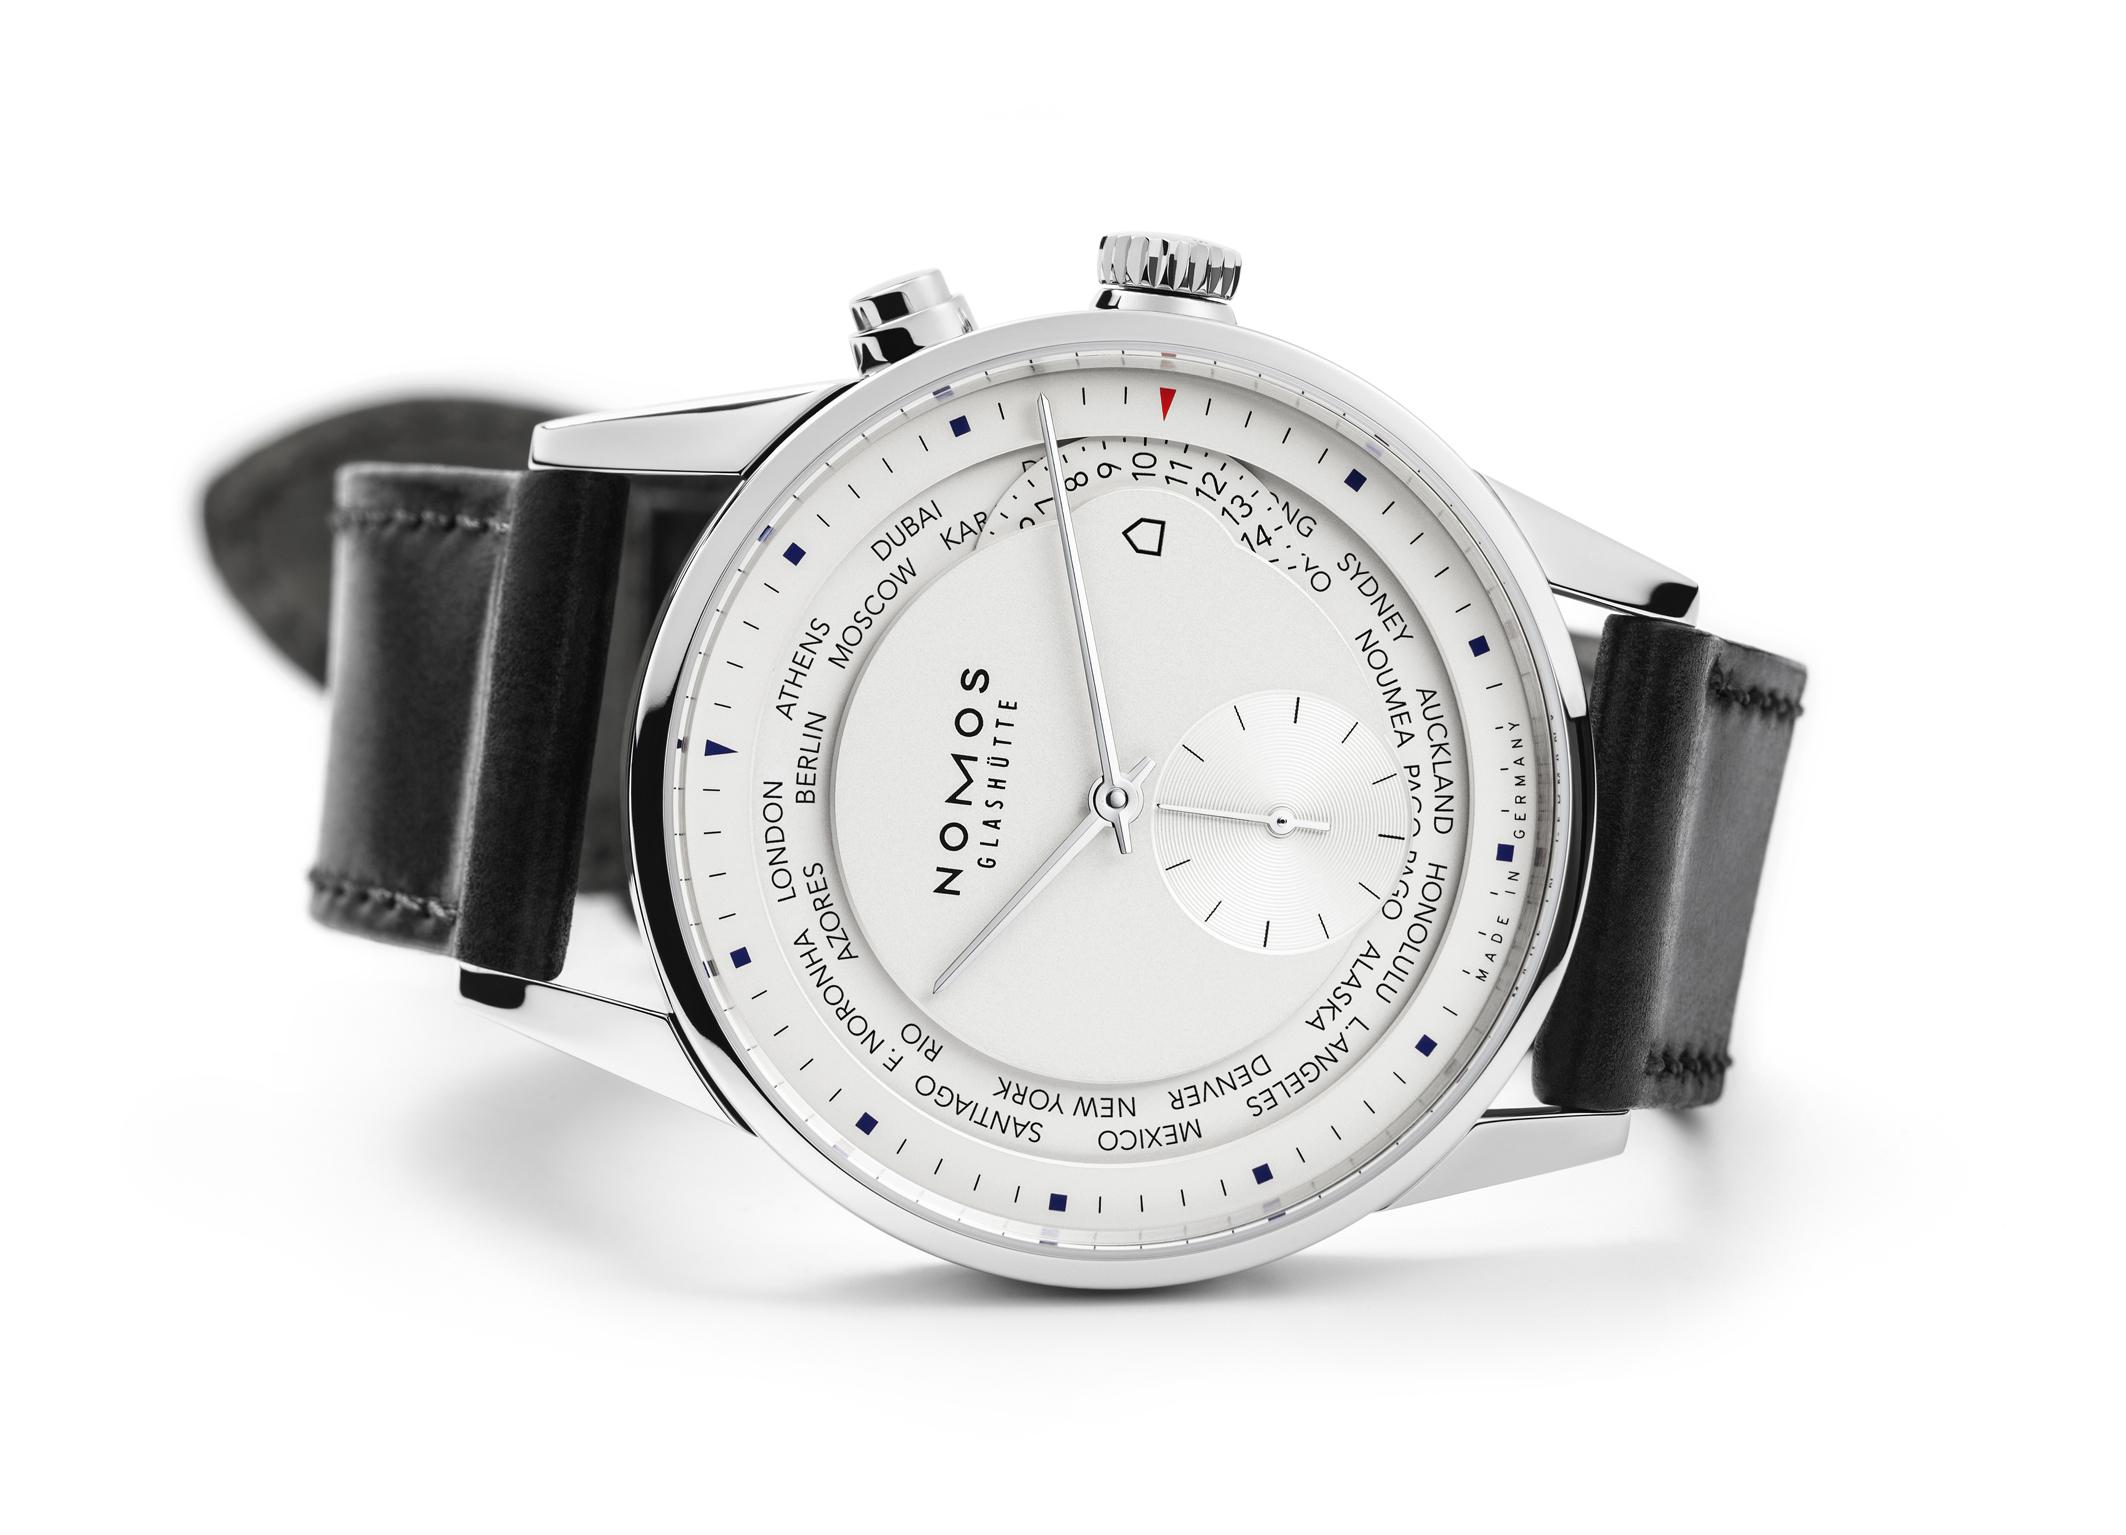 The Nomos Zurich World Timer